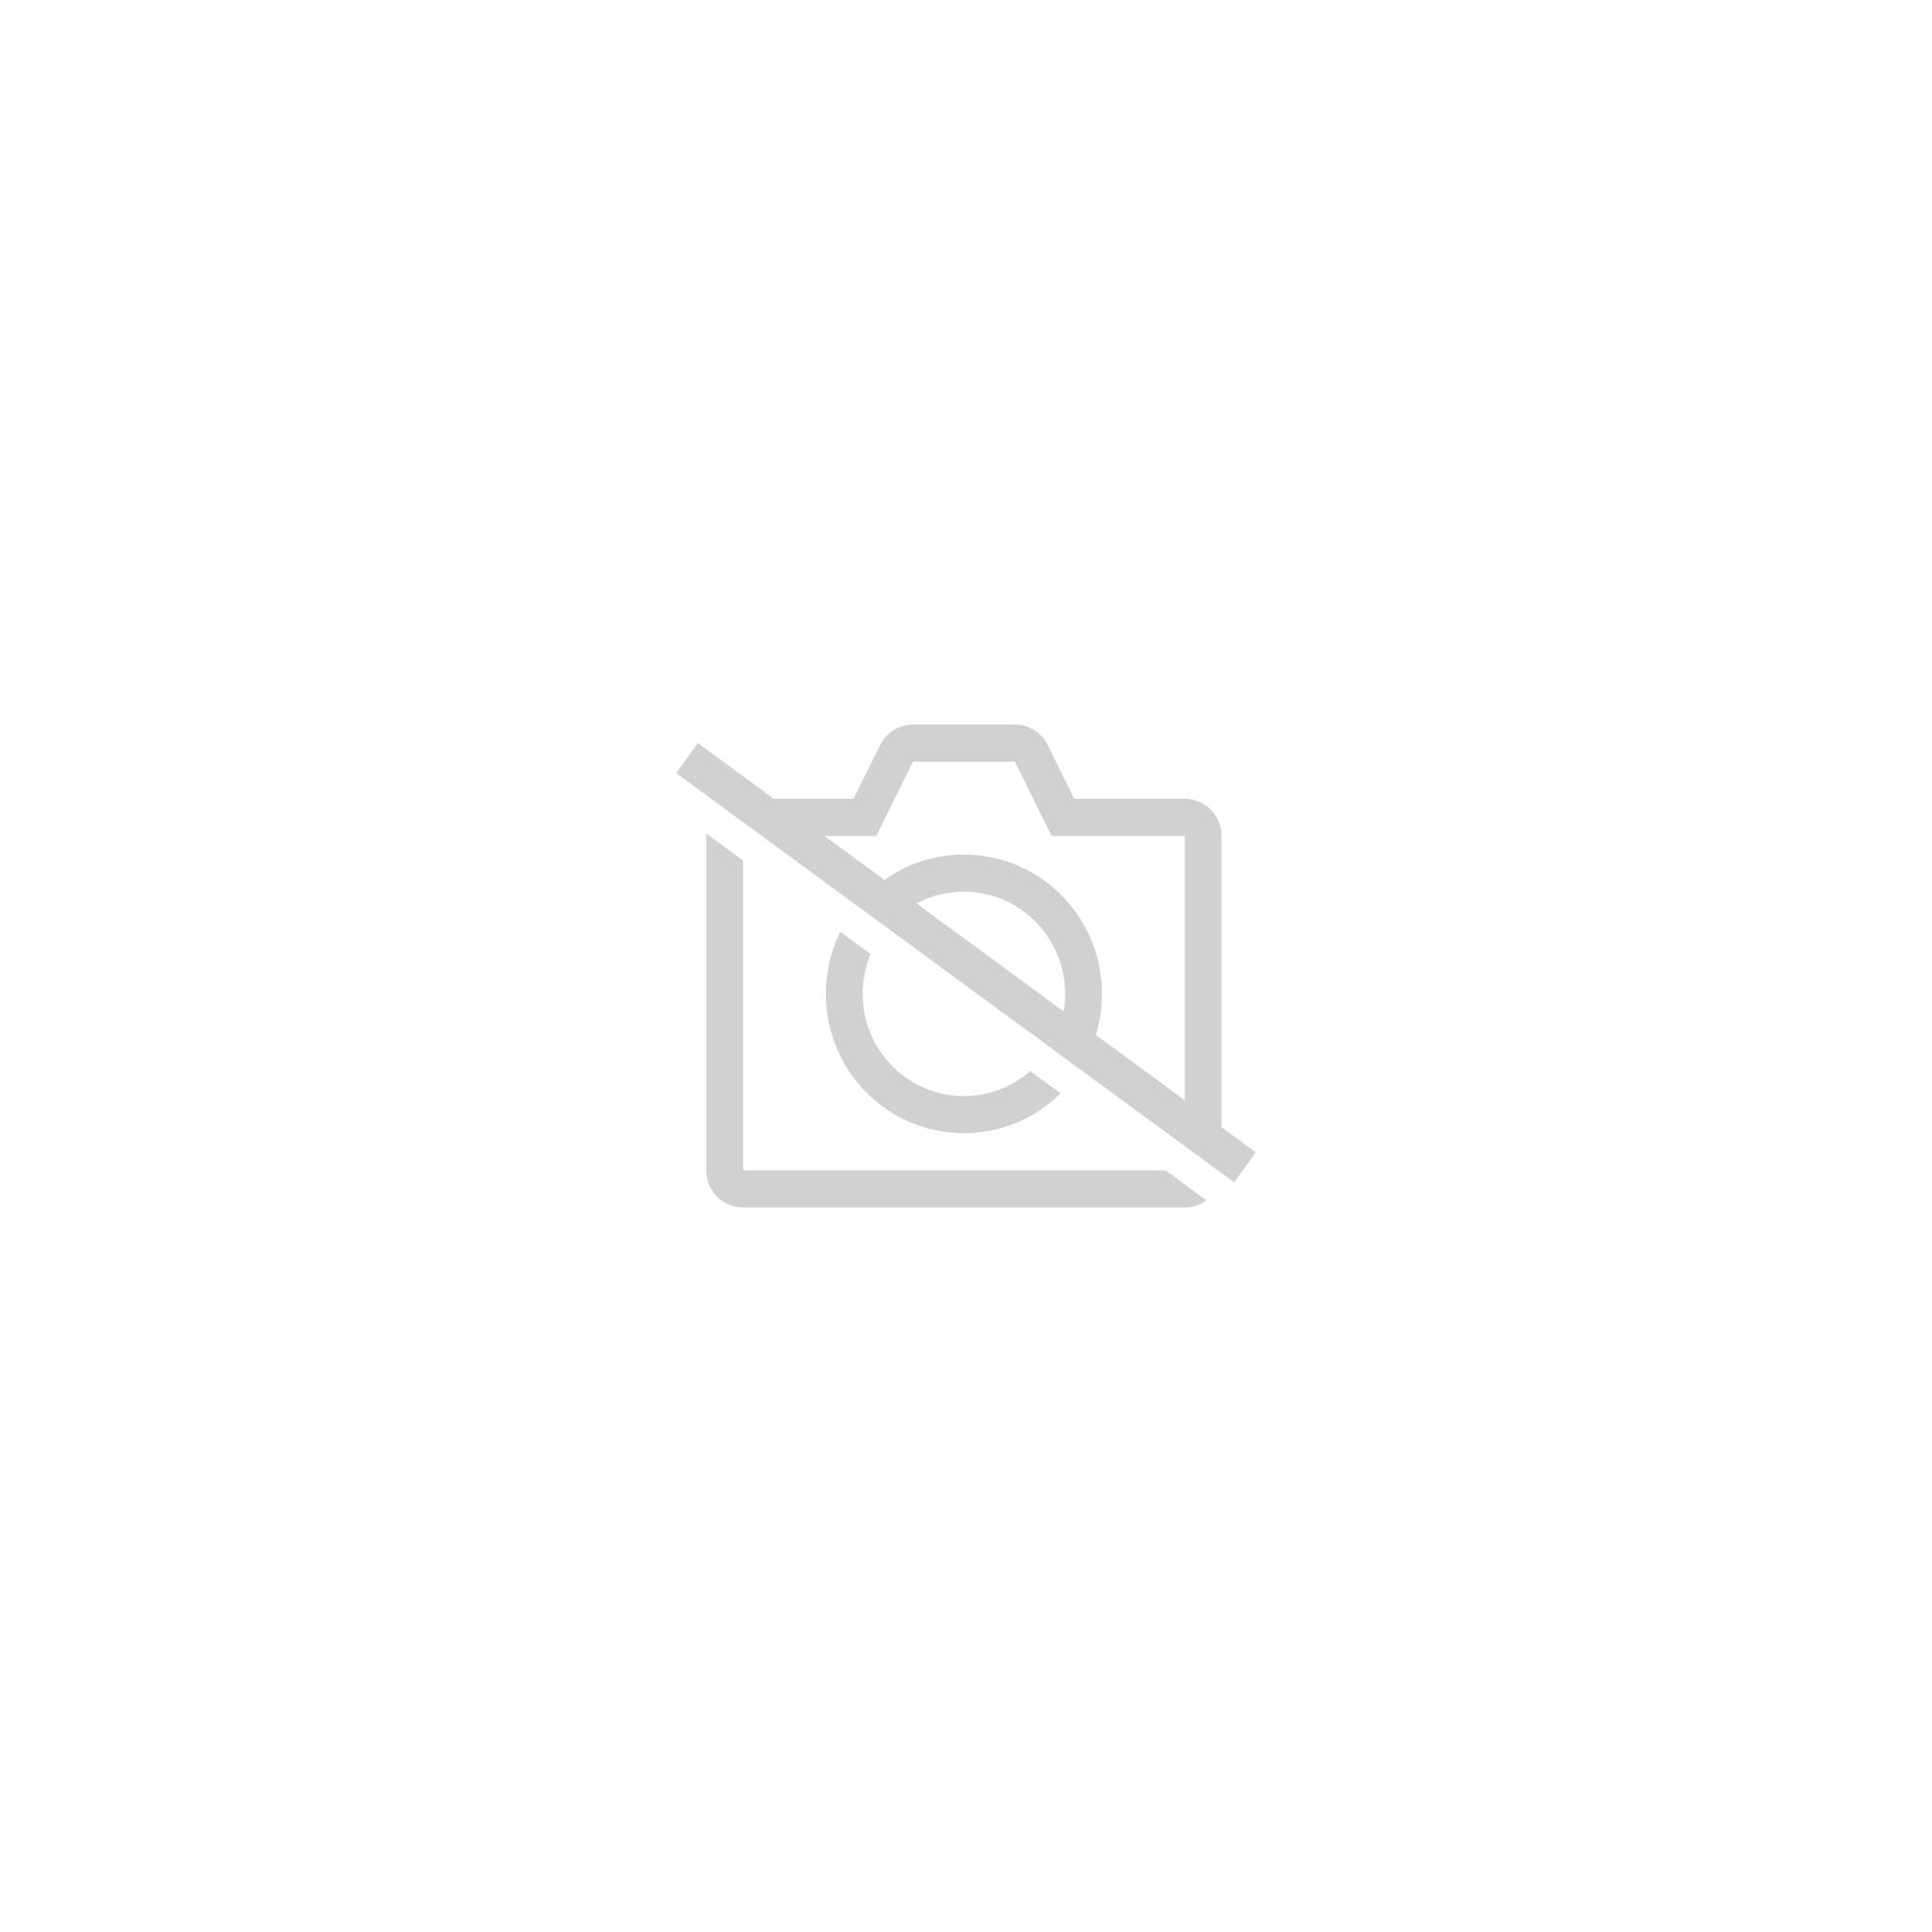 MagiDeal Bouchons de Vidange de Qualit/é pour Kayak et Bateau